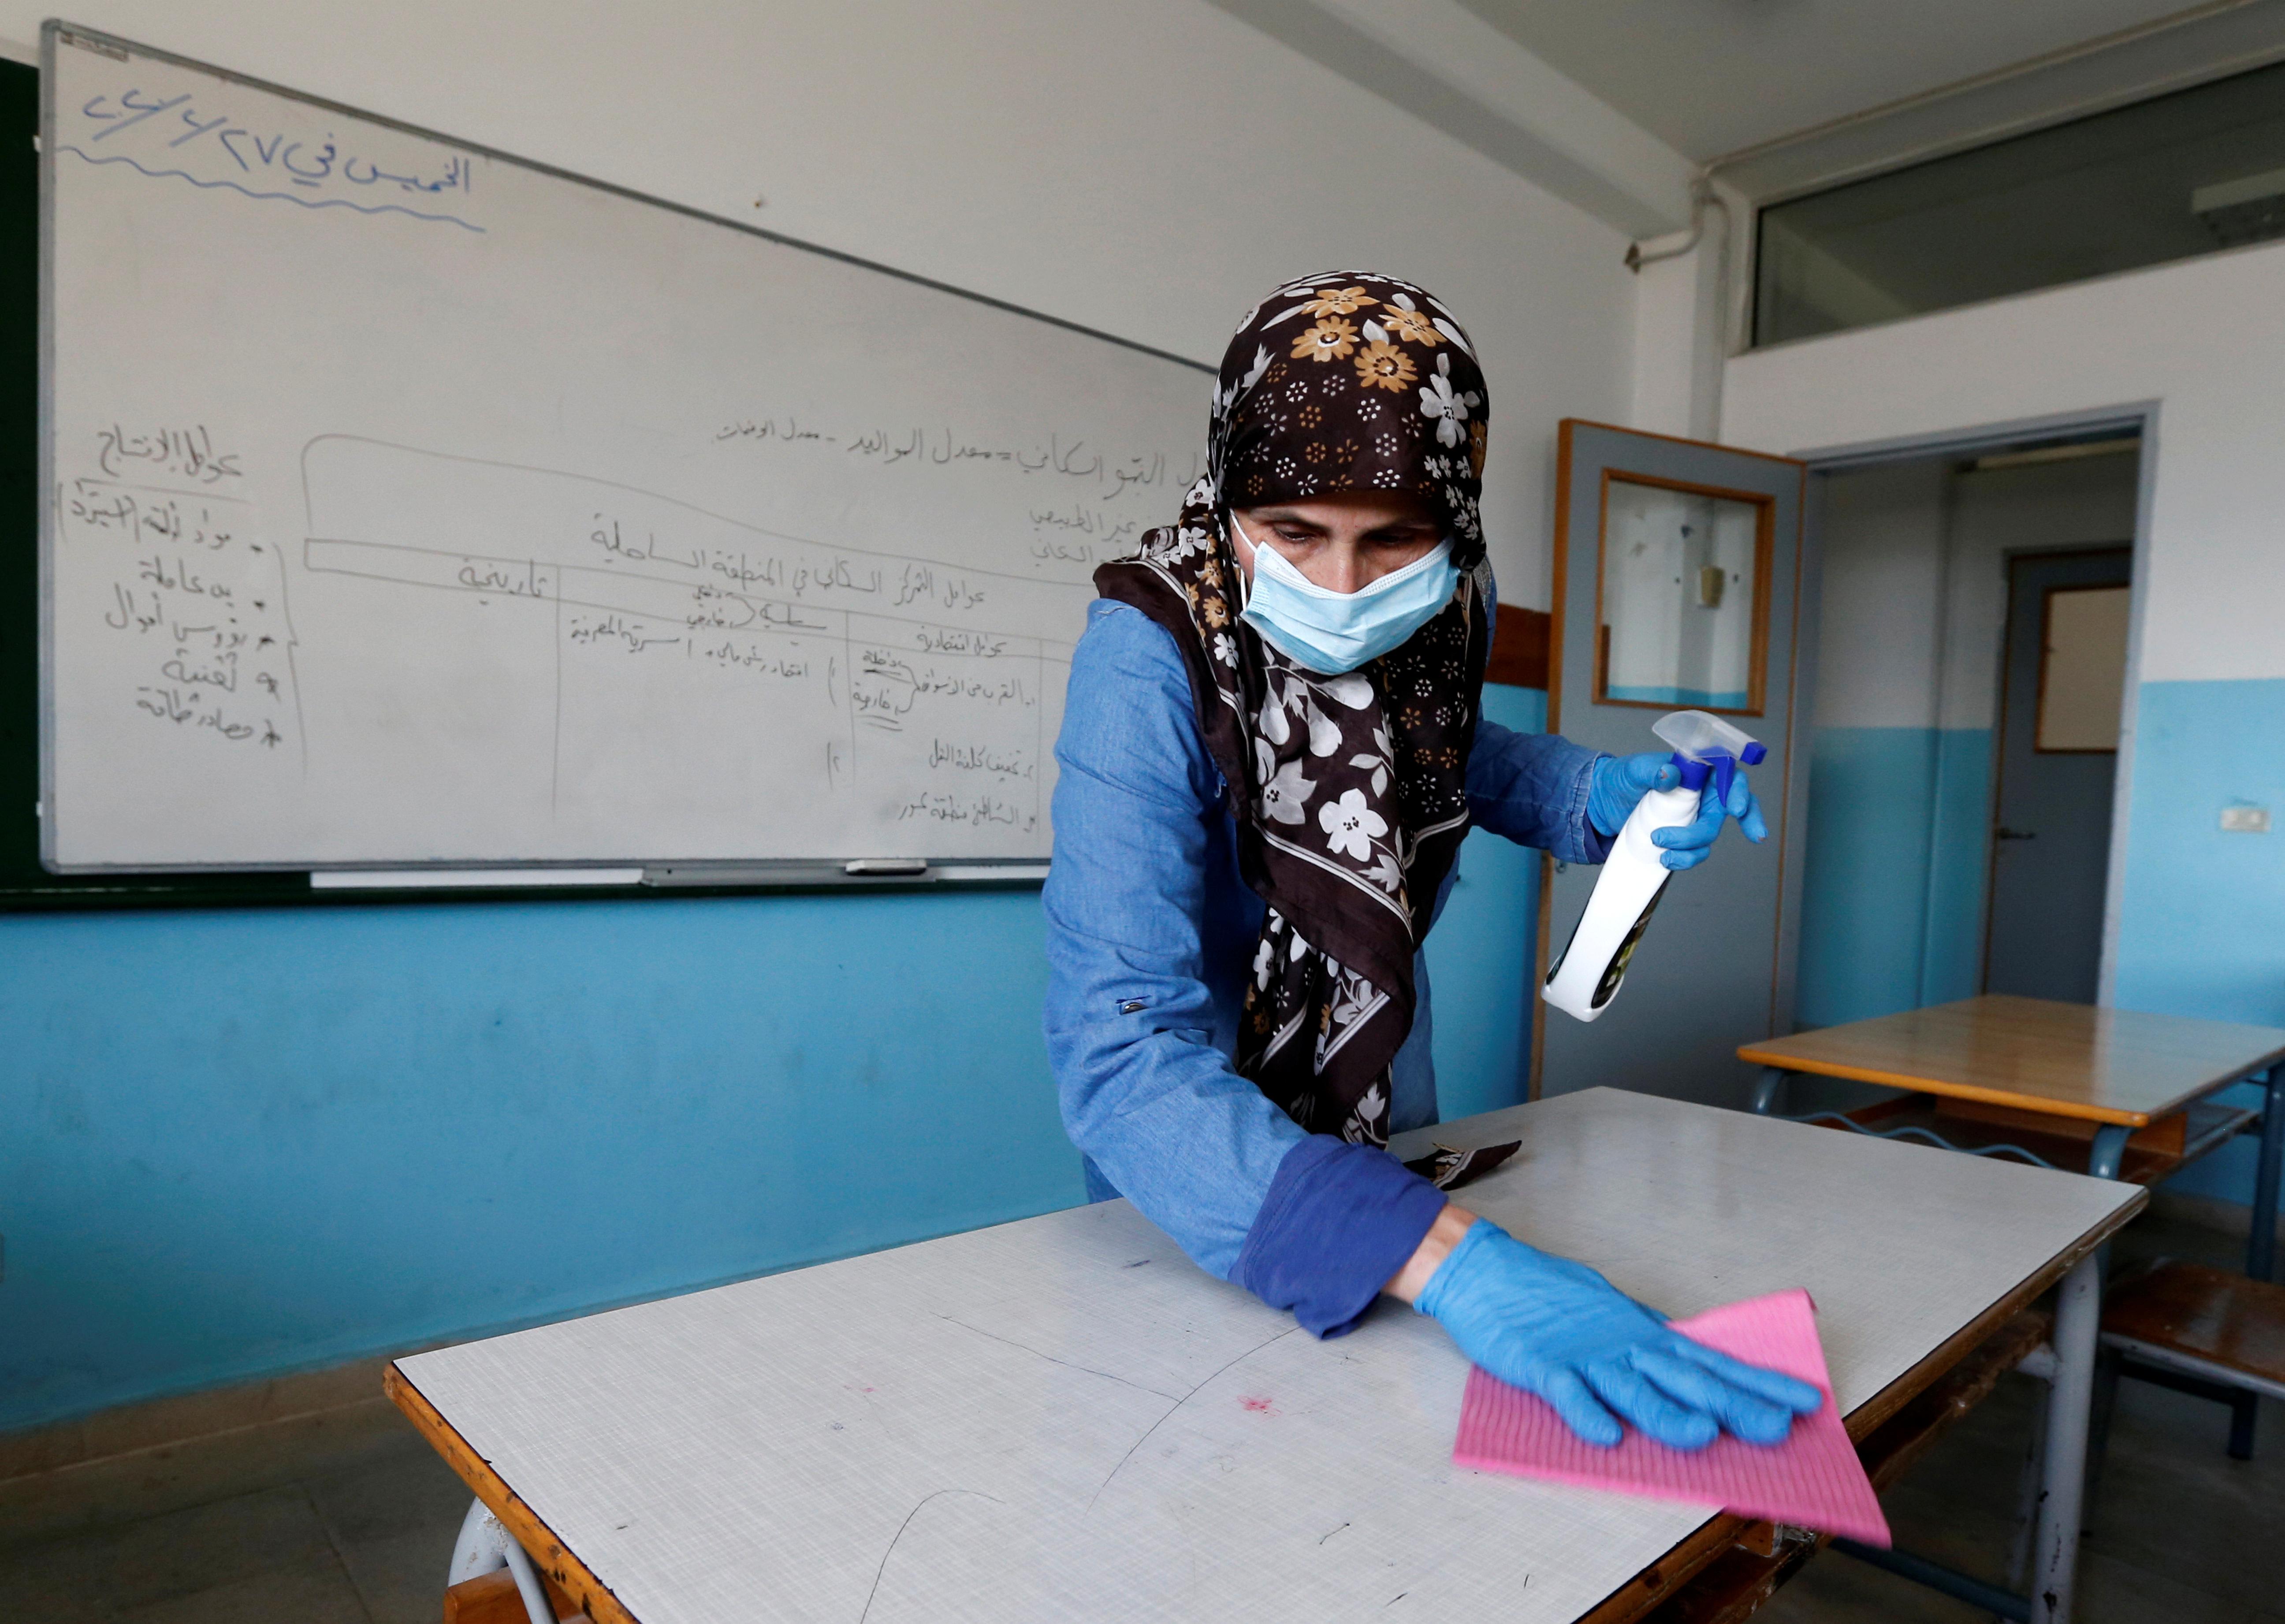 تسبب فيروس كورونا بإجبار المعلمين والمدرسين على التدريس عن بعد